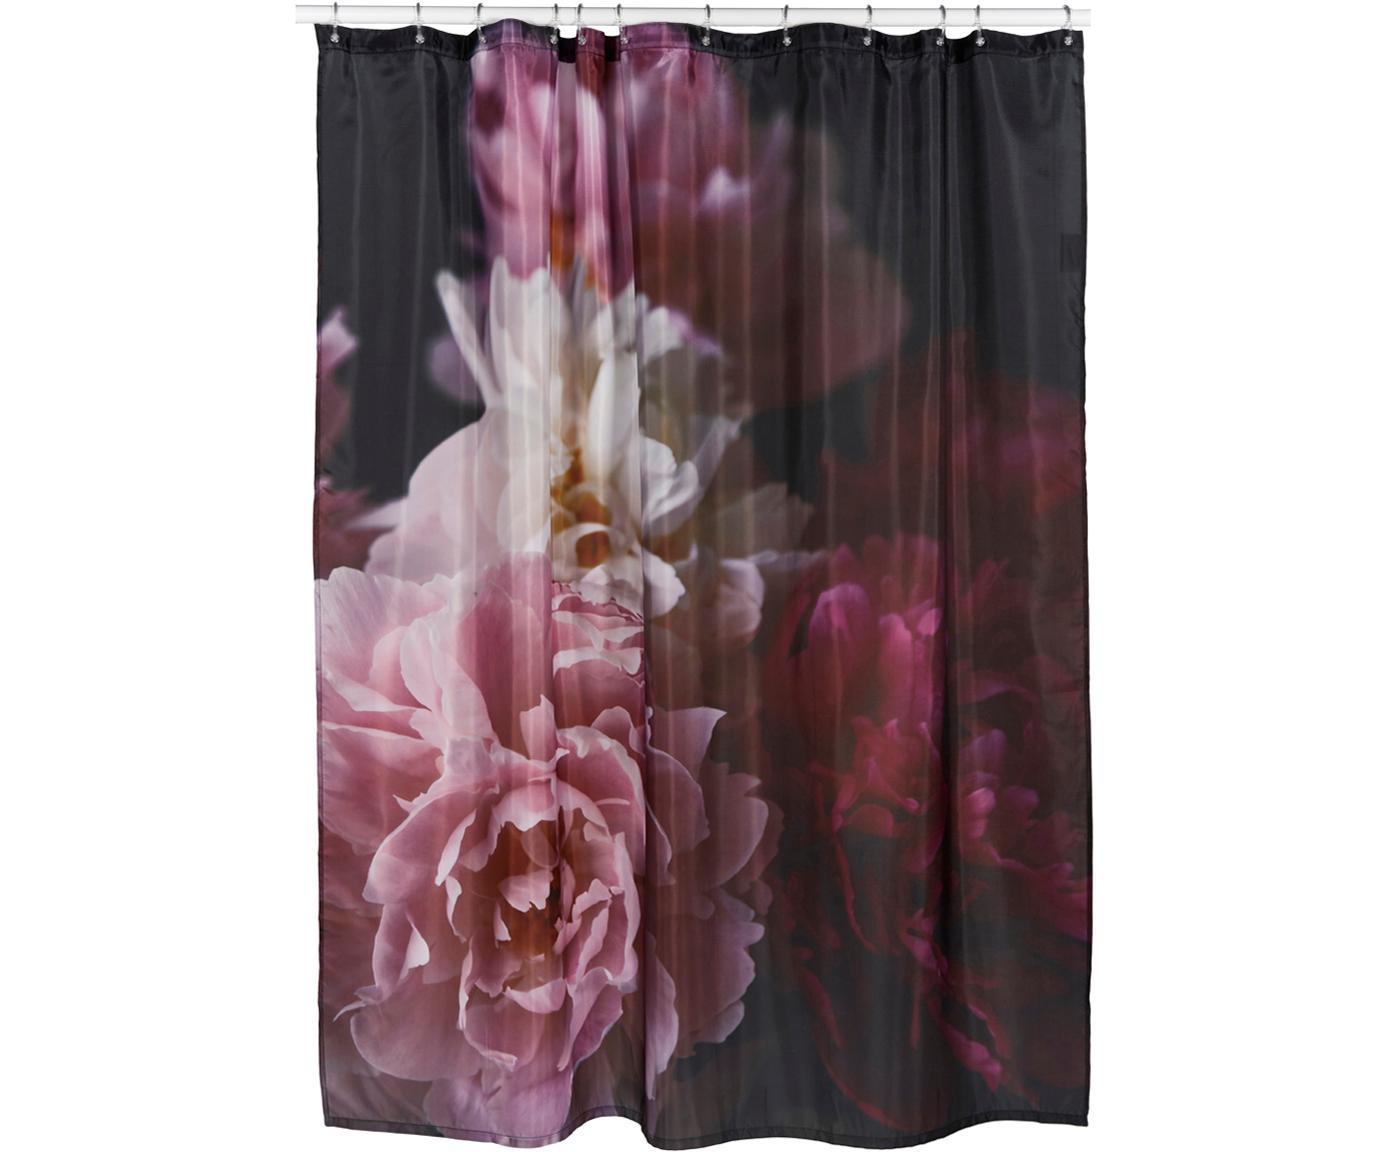 Zasłona prysznicowa Rosemarie, Poliester, Wielobarwny, S 180 x D 200 cm